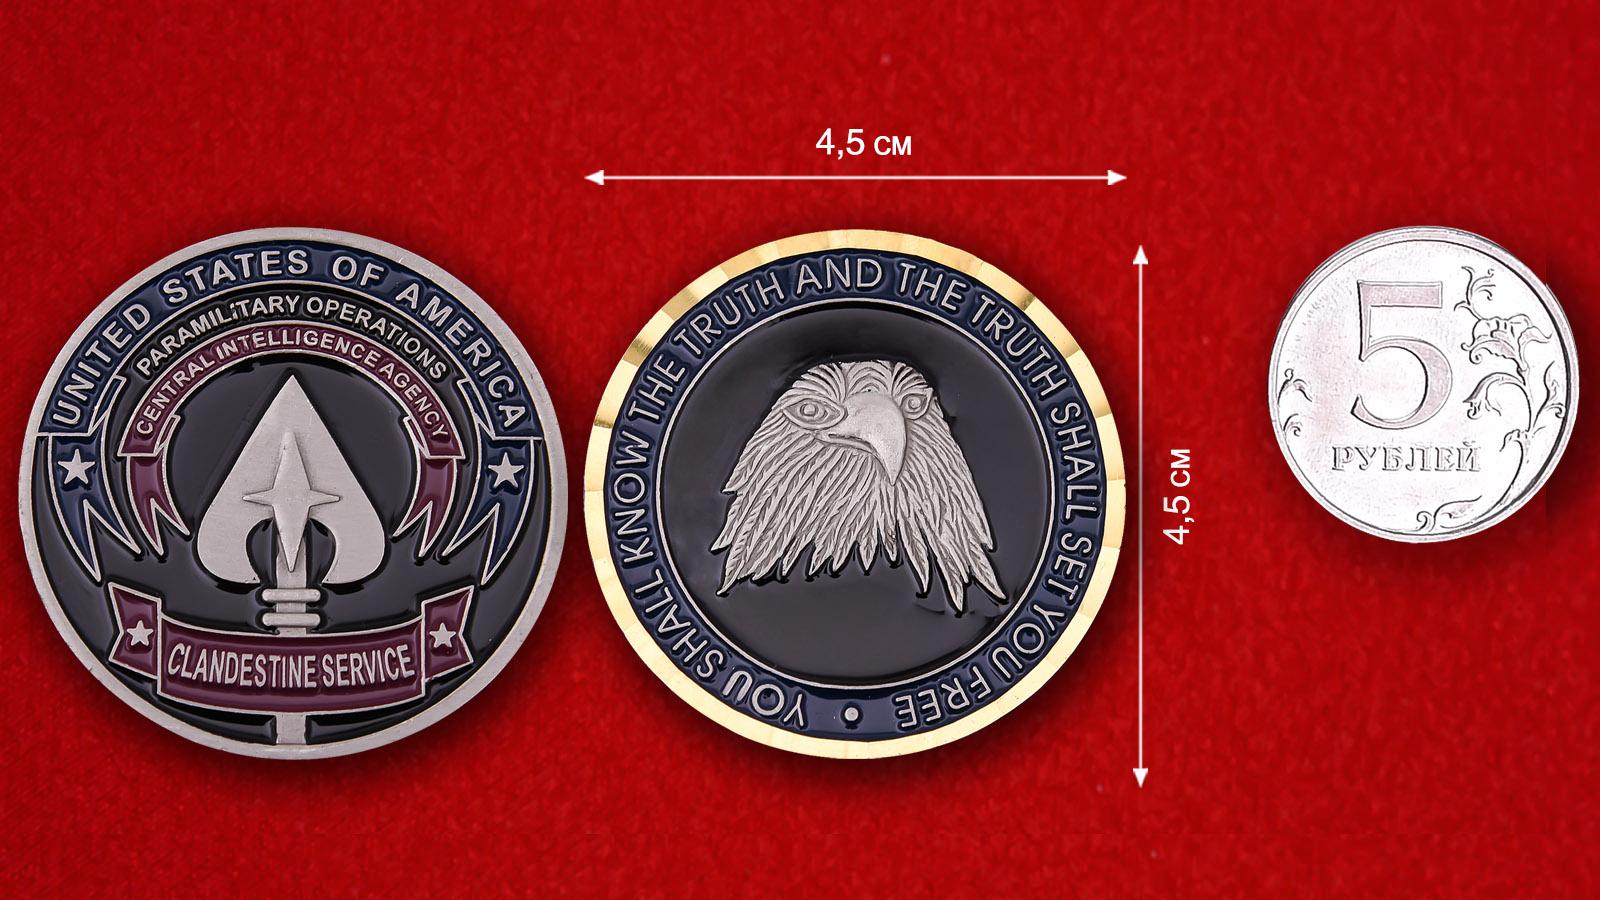 Clandestine service CIA Challenge Coin - comparative size